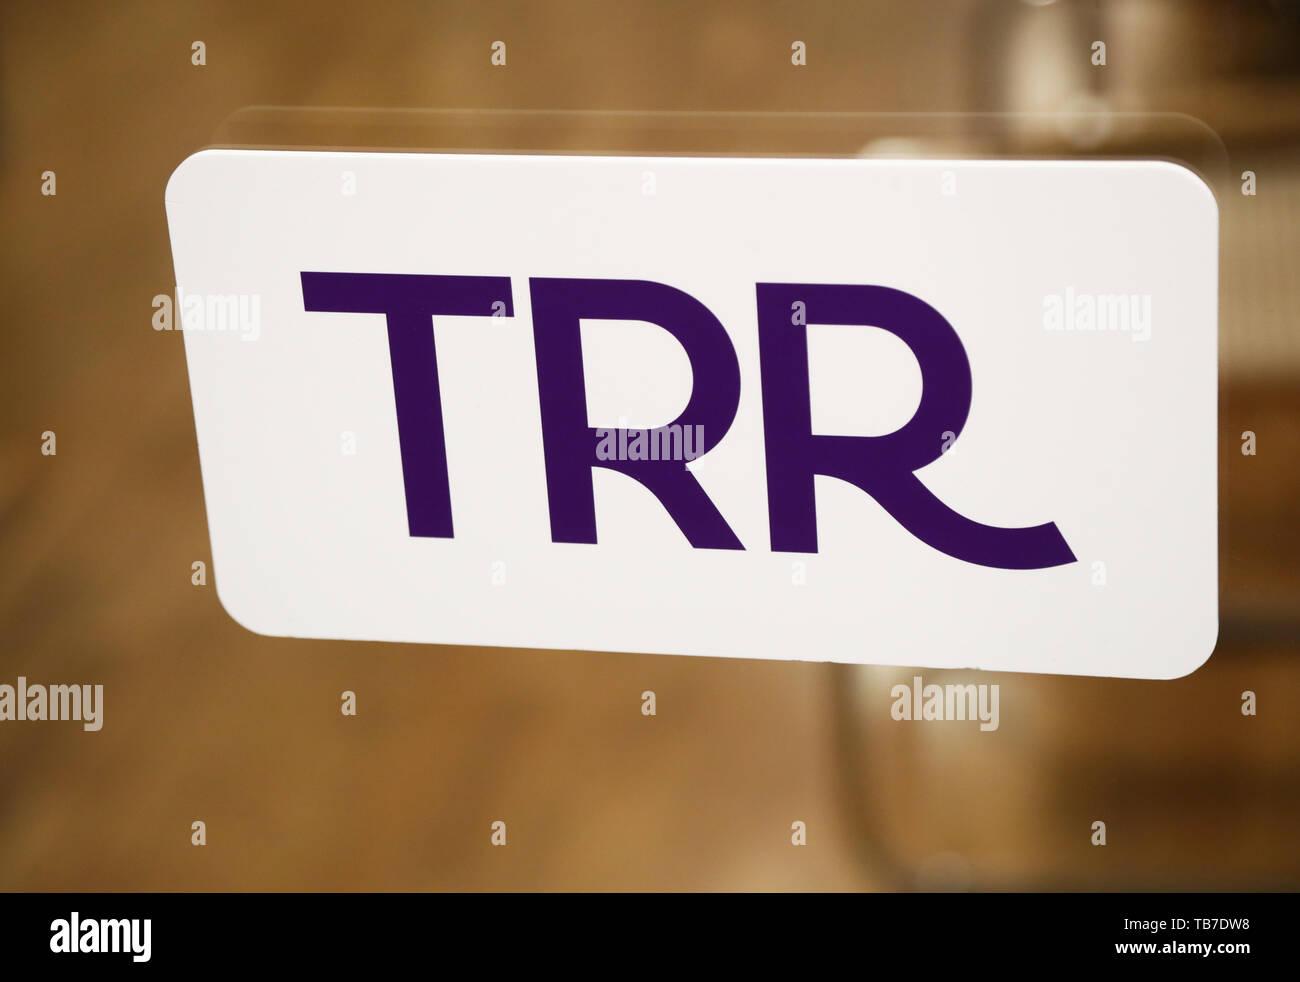 TRELLEBORG 20190515 TRR, Trygghetsråd är partssammansatta organisationer med uppgift att ge stöd till anställda, arbetsgivare och fackliga organisationer vid uppsägning på grund av arbetsbrist. Foto Jeppe Gustafsson - Stock Image